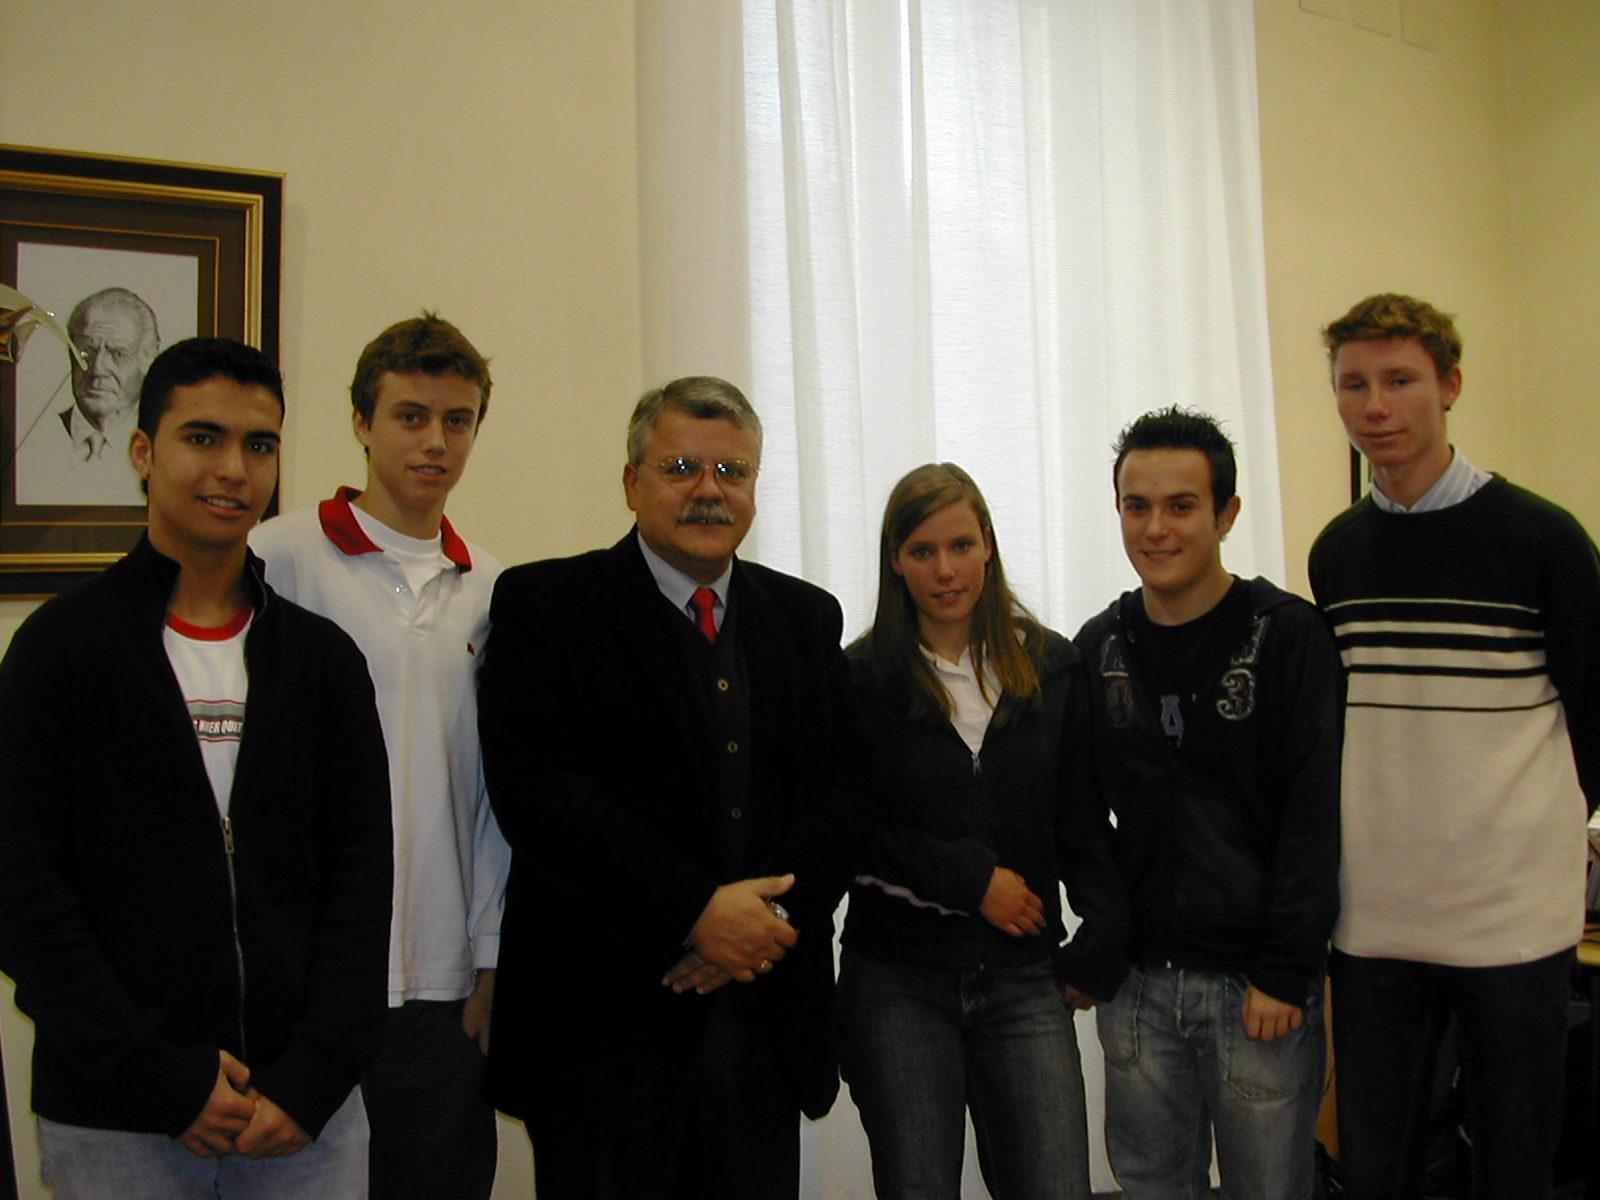 Visita de un grupo de alumnos del Colegio Jesuitas de Alicante